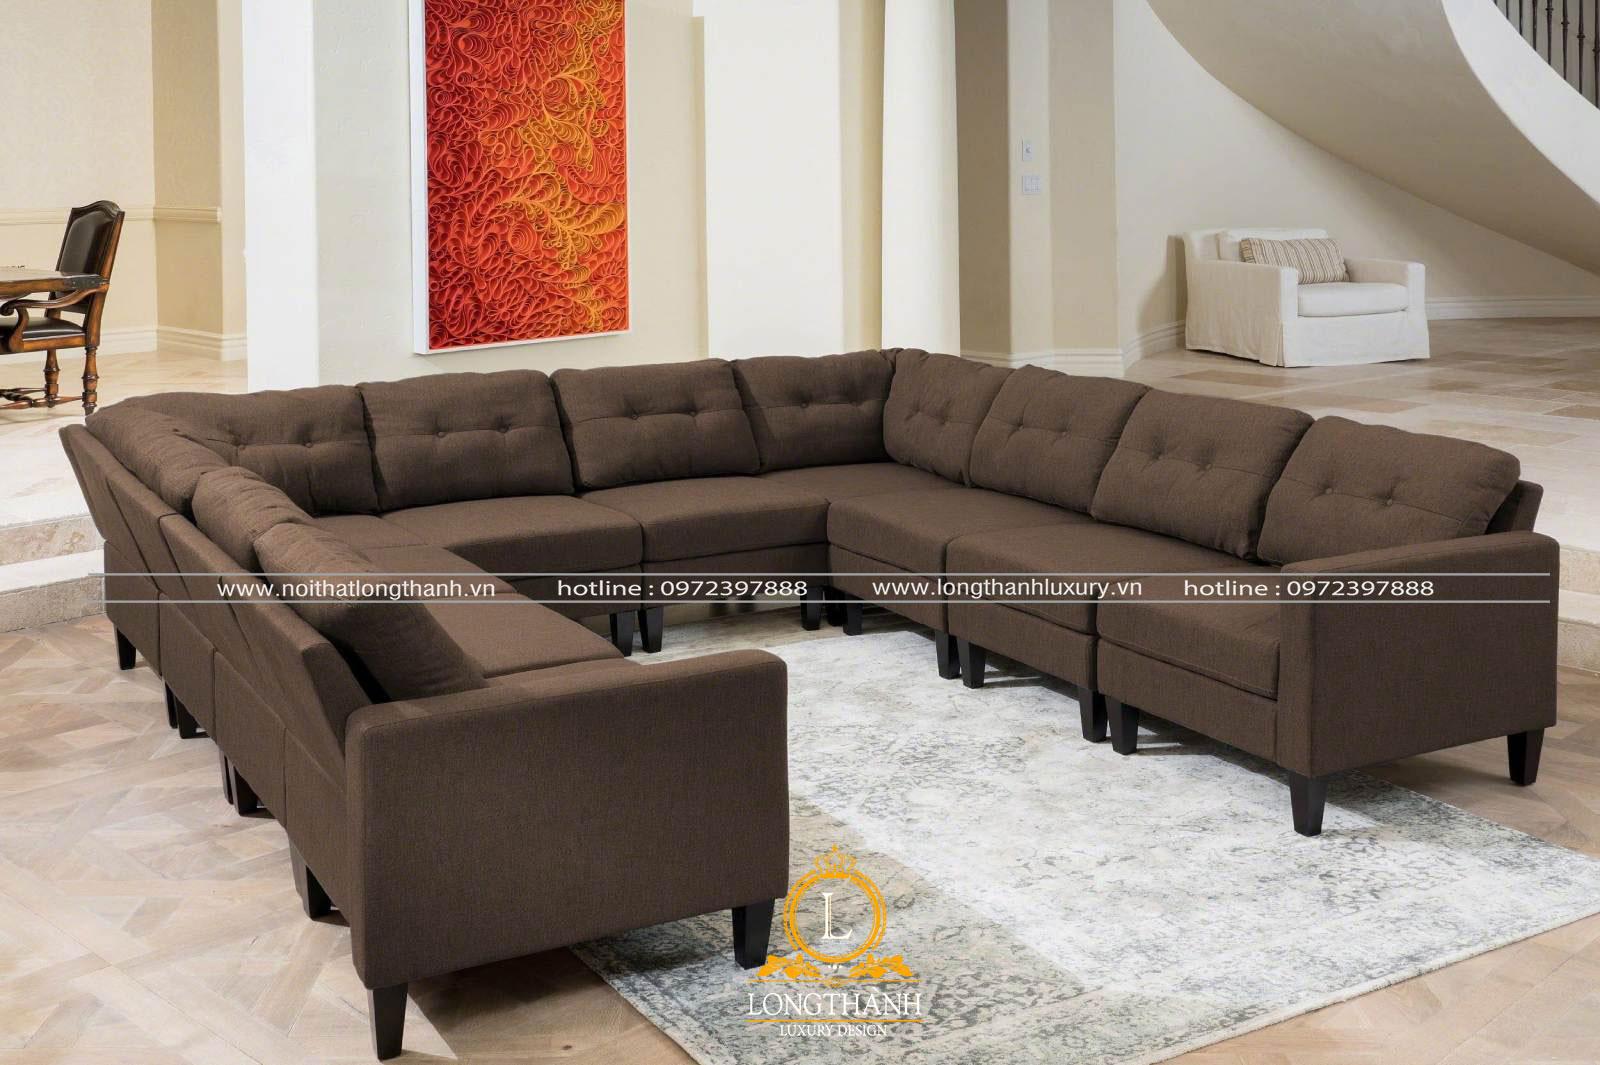 Sofa nhung được thiết kế cho không gian phòng khách hiện đại